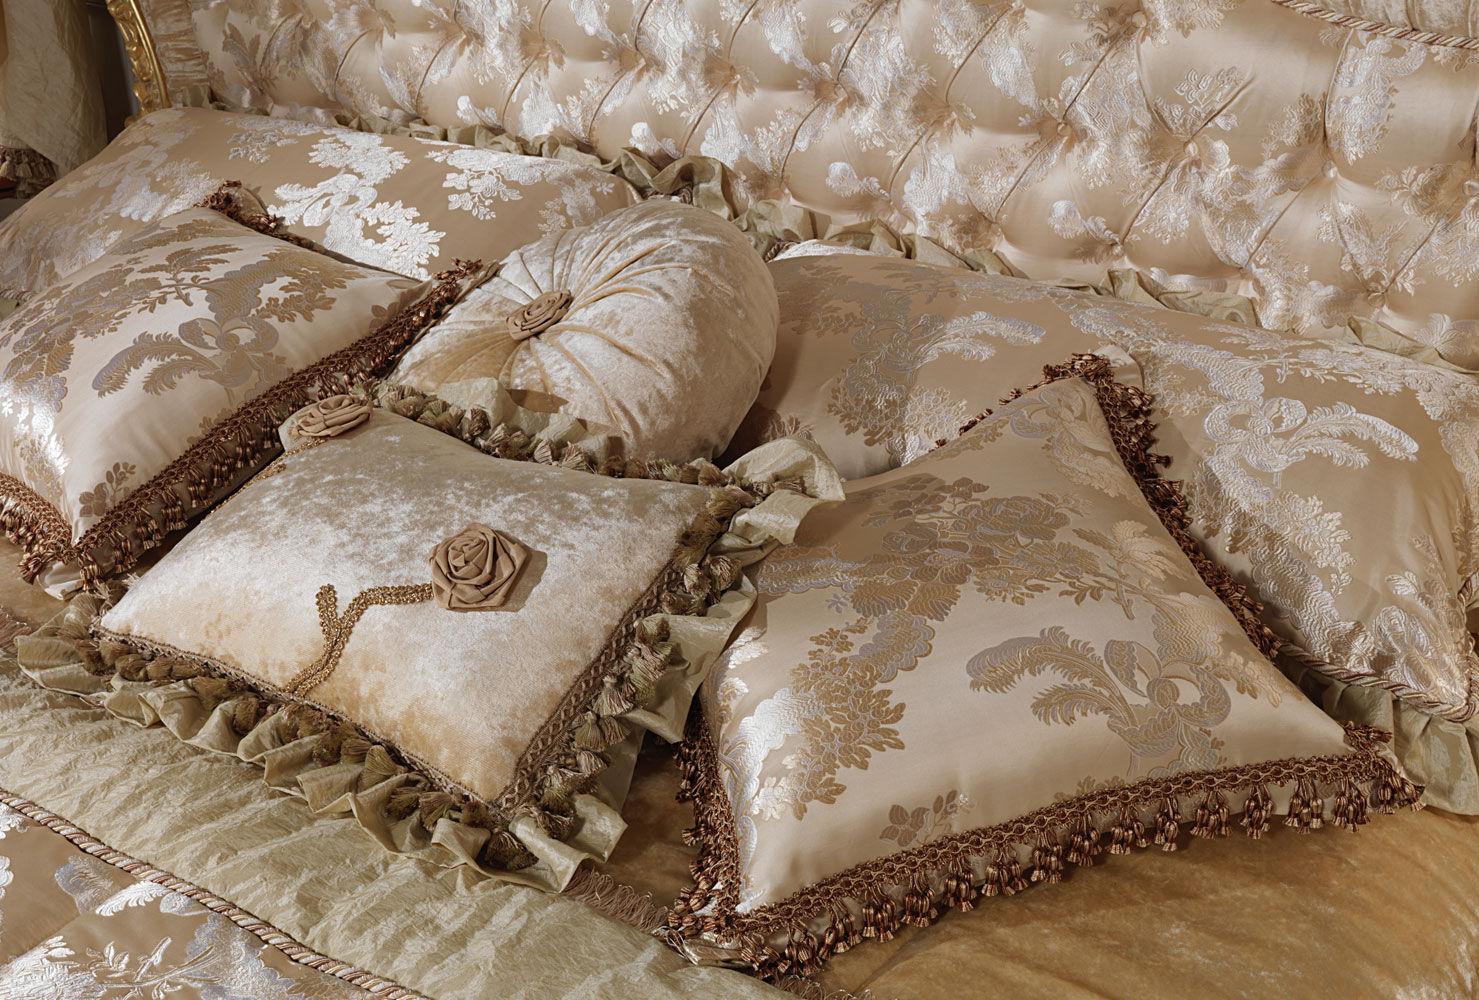 В спальне обязательно должны быть небольшие атласные подушки с рюшами и цветочными украшениями